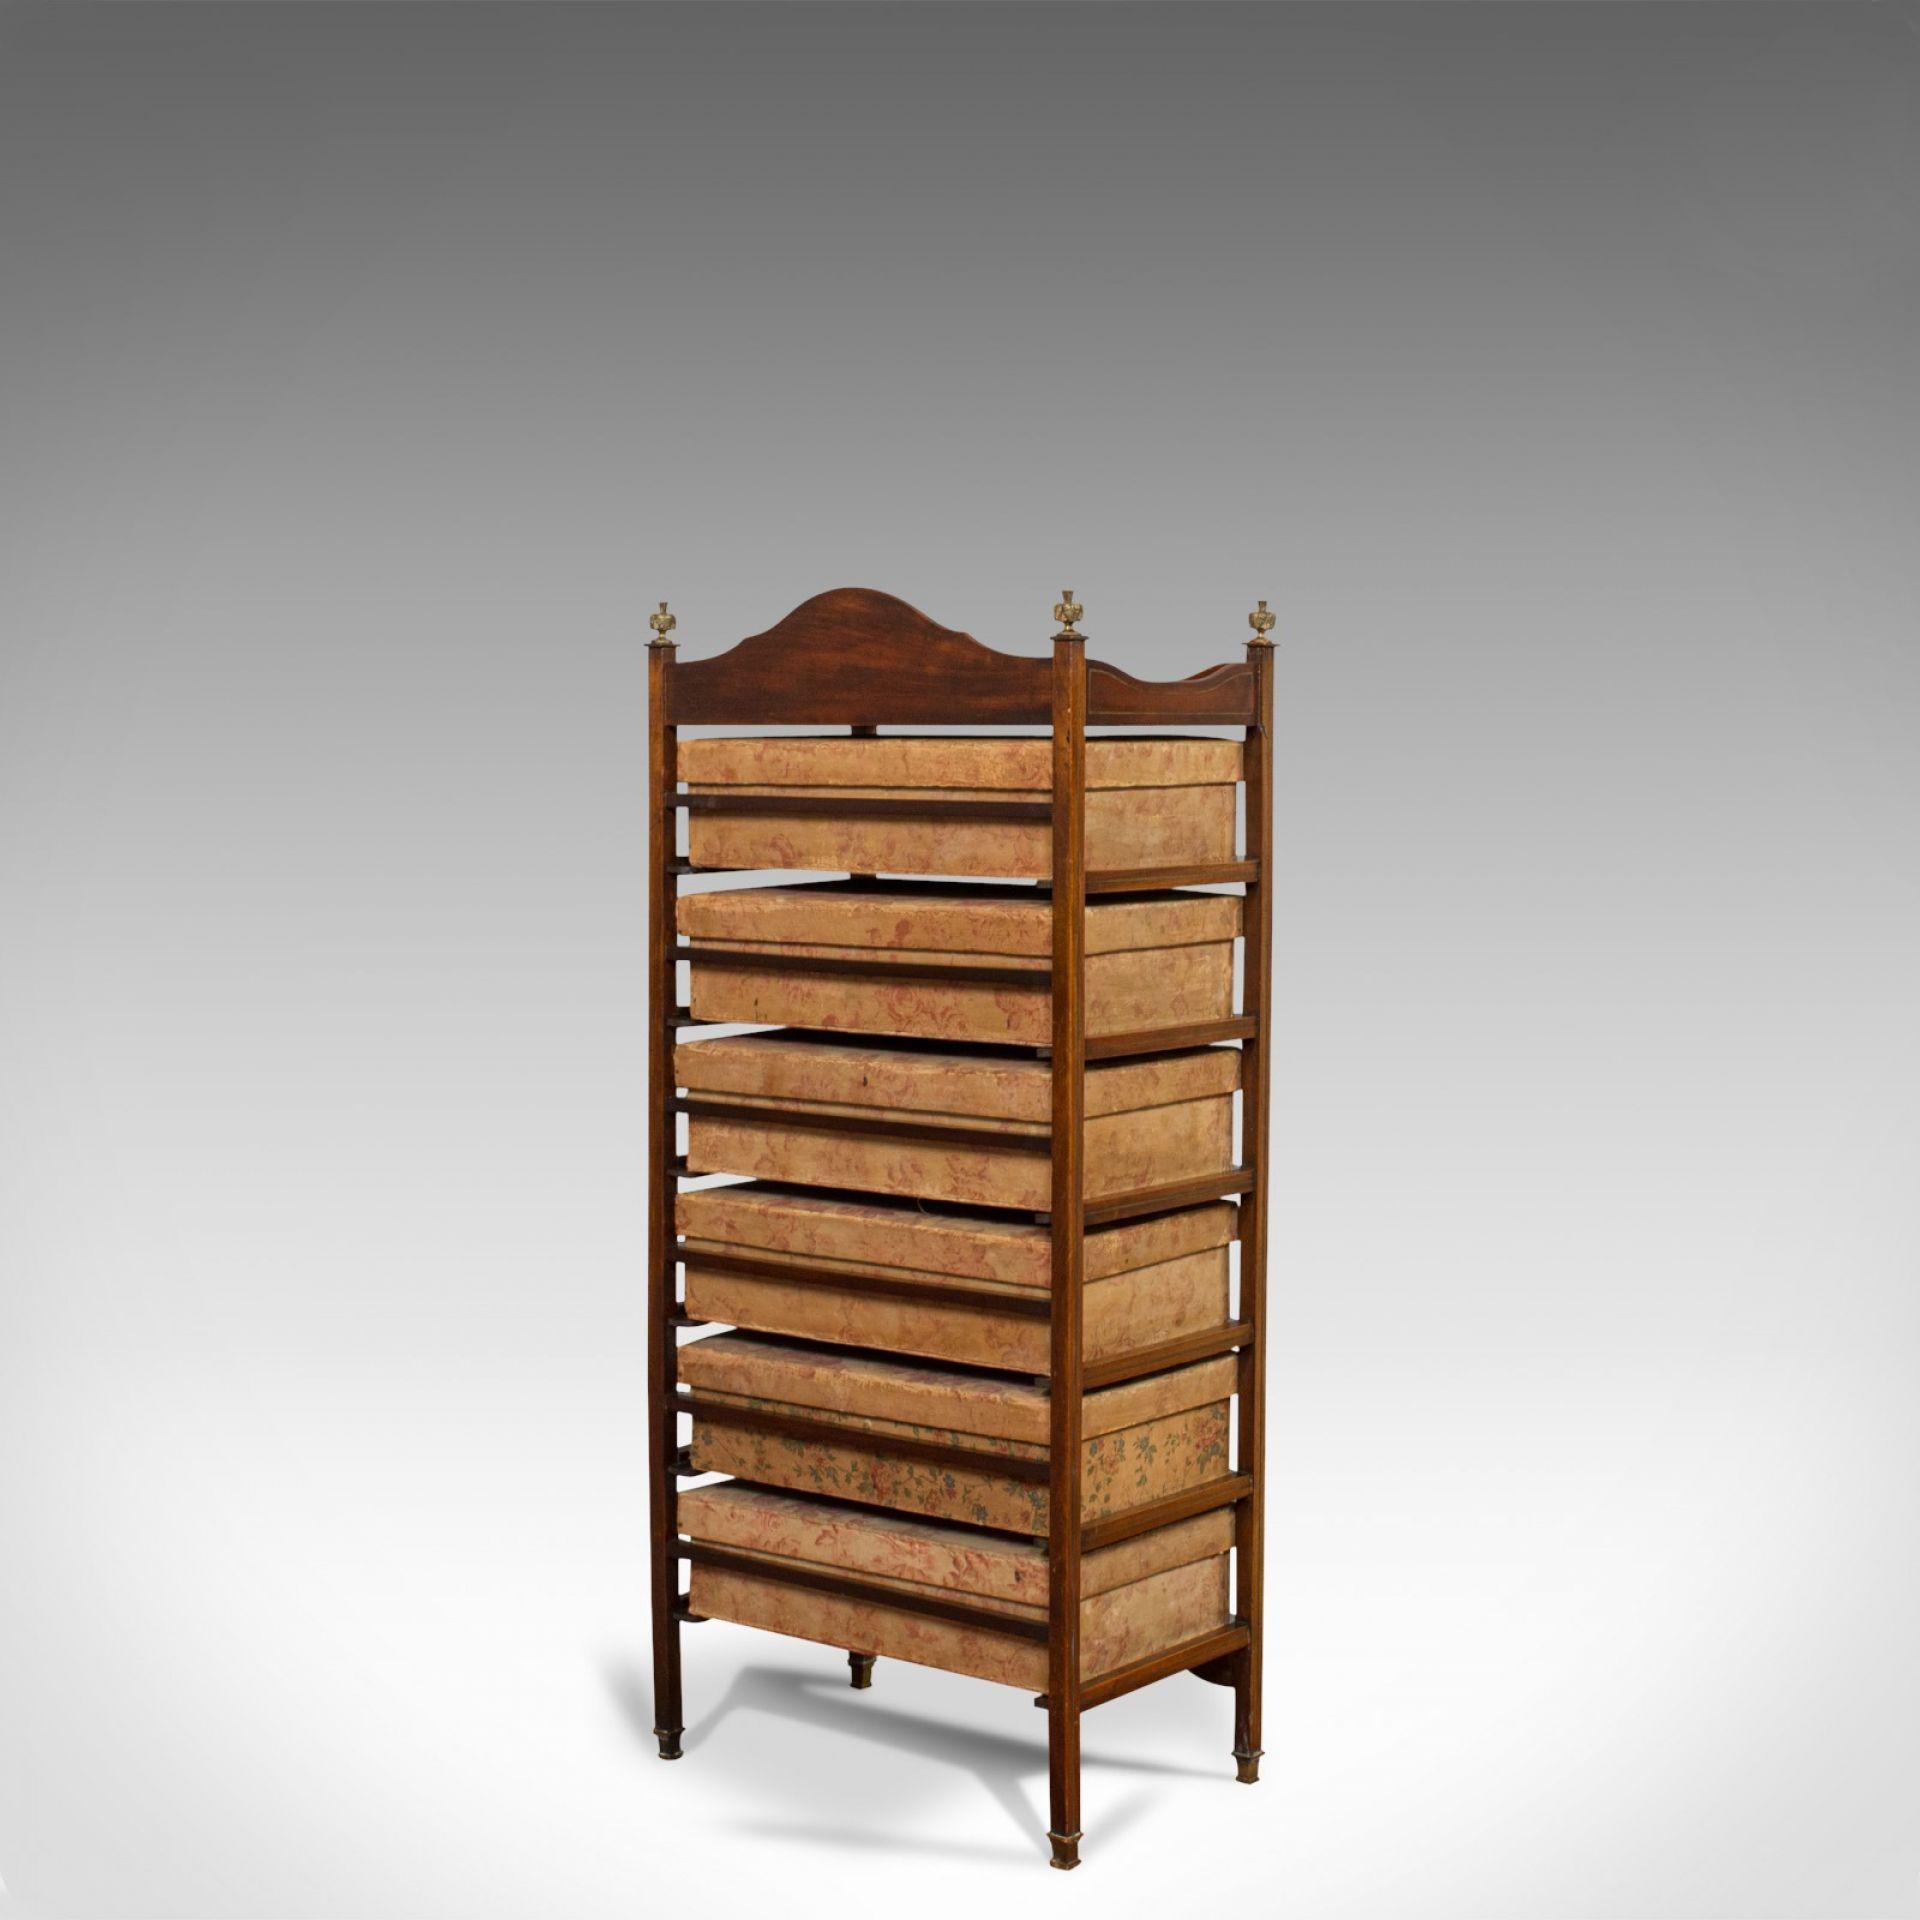 Antique Storage Cabinet, 6 Boxes, English, Edwardian, Mahogany, Brass, Etagere